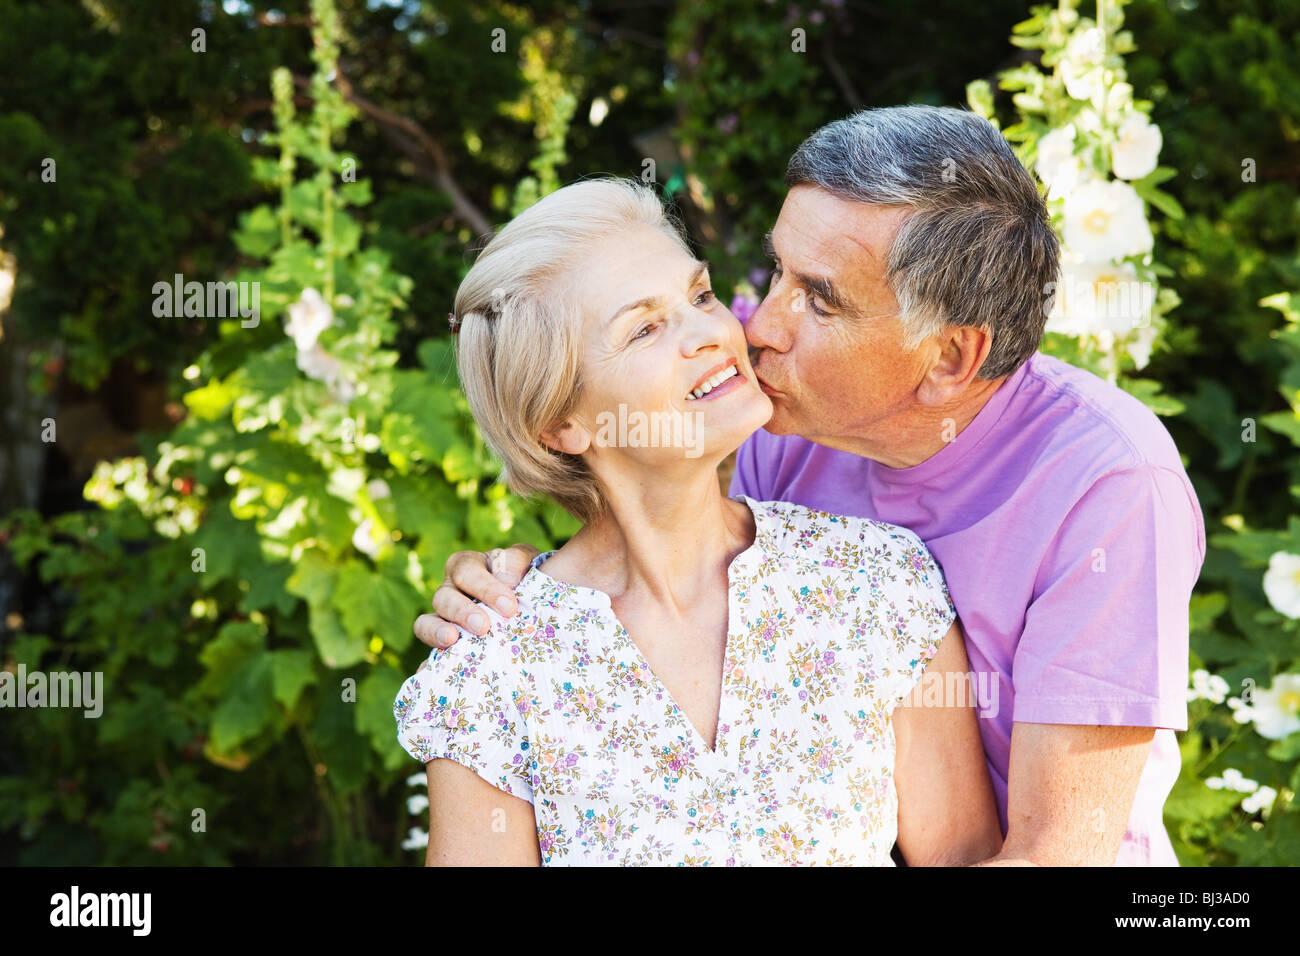 Uomo maturo baci donna matura. Immagini Stock